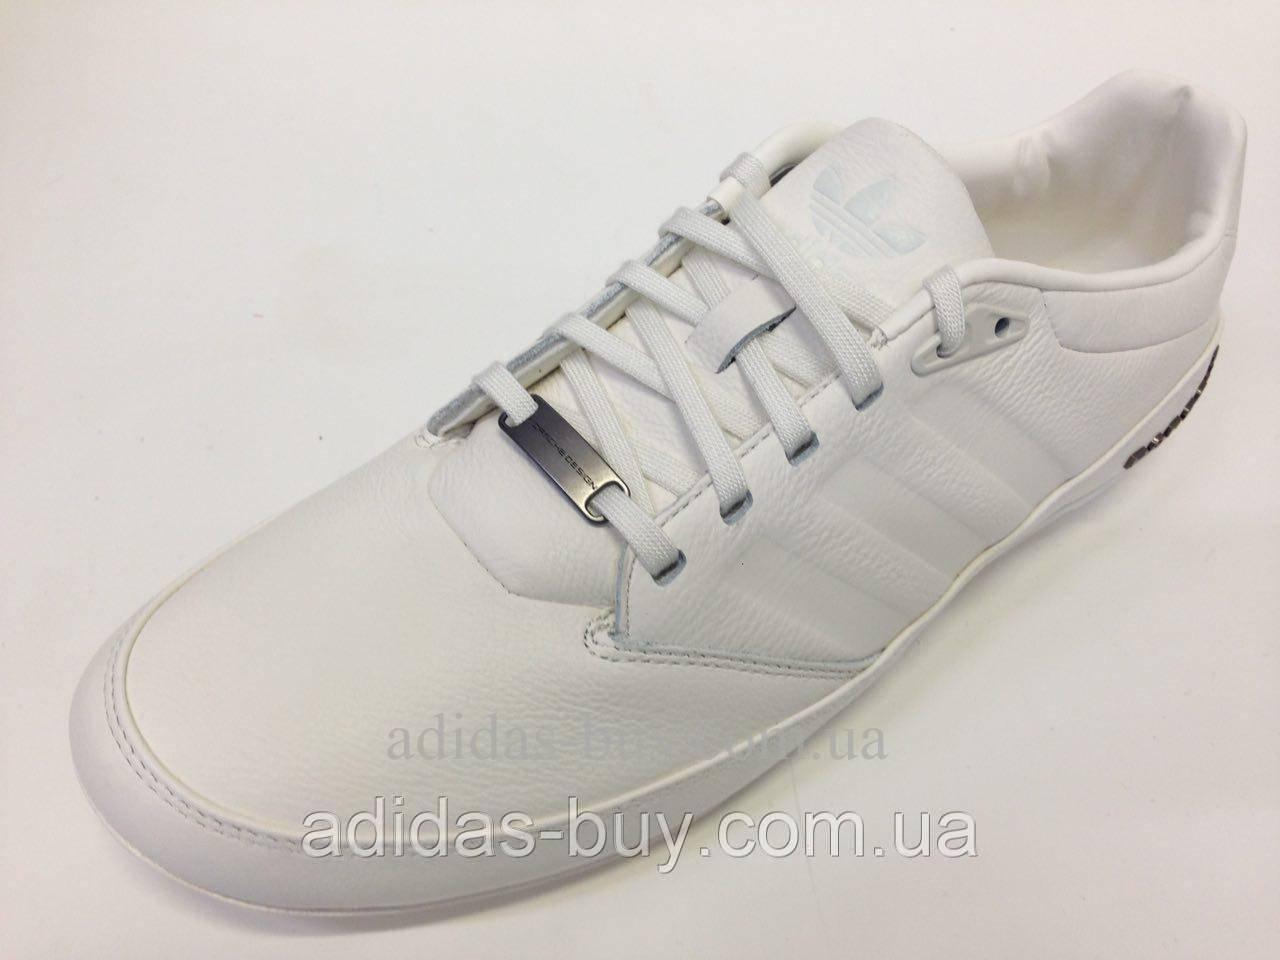 new arrival 48661 6b596 Кожаные мужские белые оригинальные кроссовки adidas Porsche Typ 64 2.0  M20587 из кожи